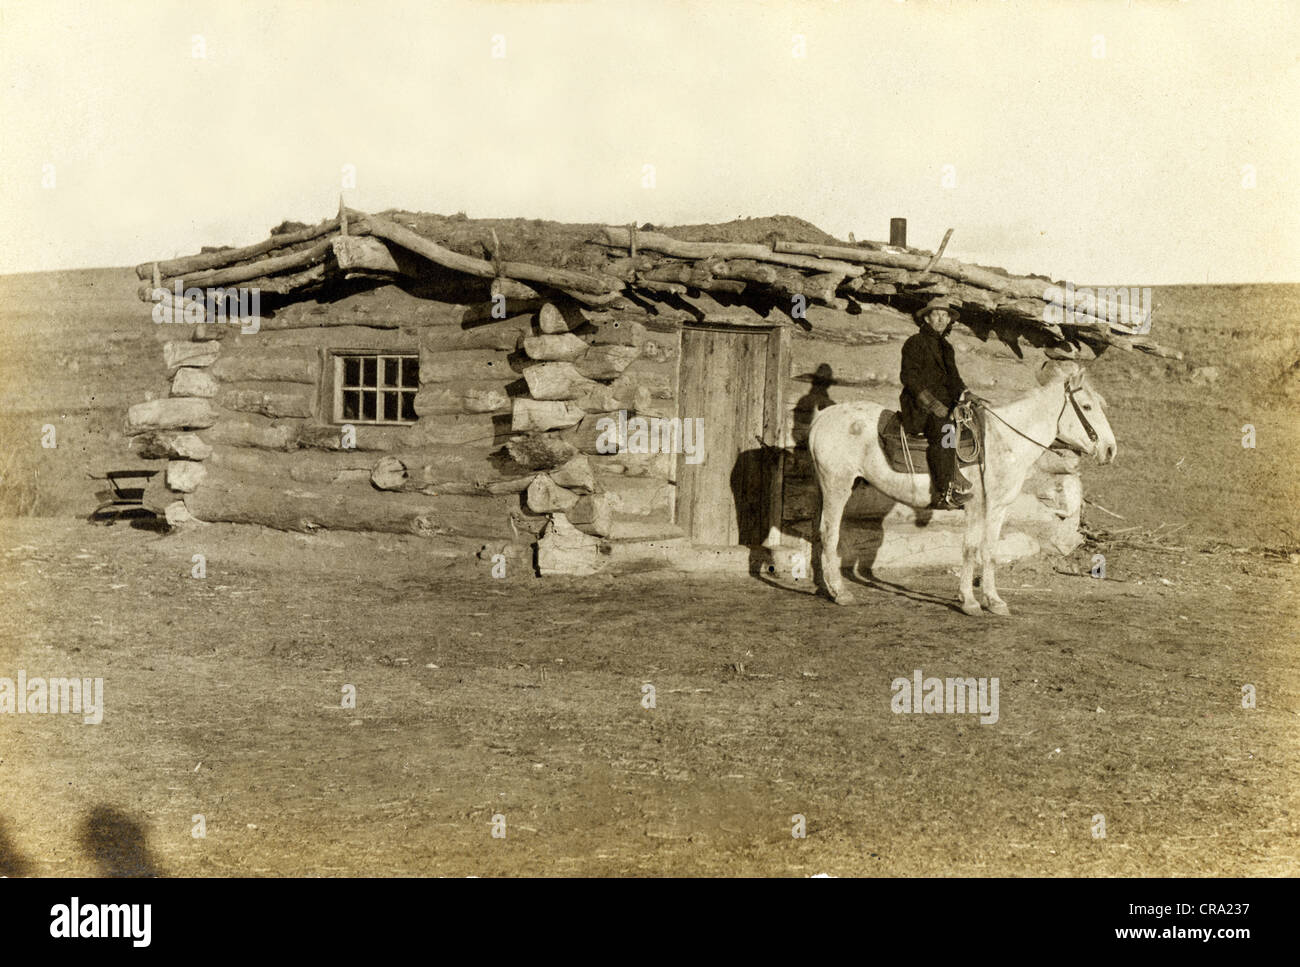 Cowboy At Crude Western Log Cabin Stock Photo Royalty